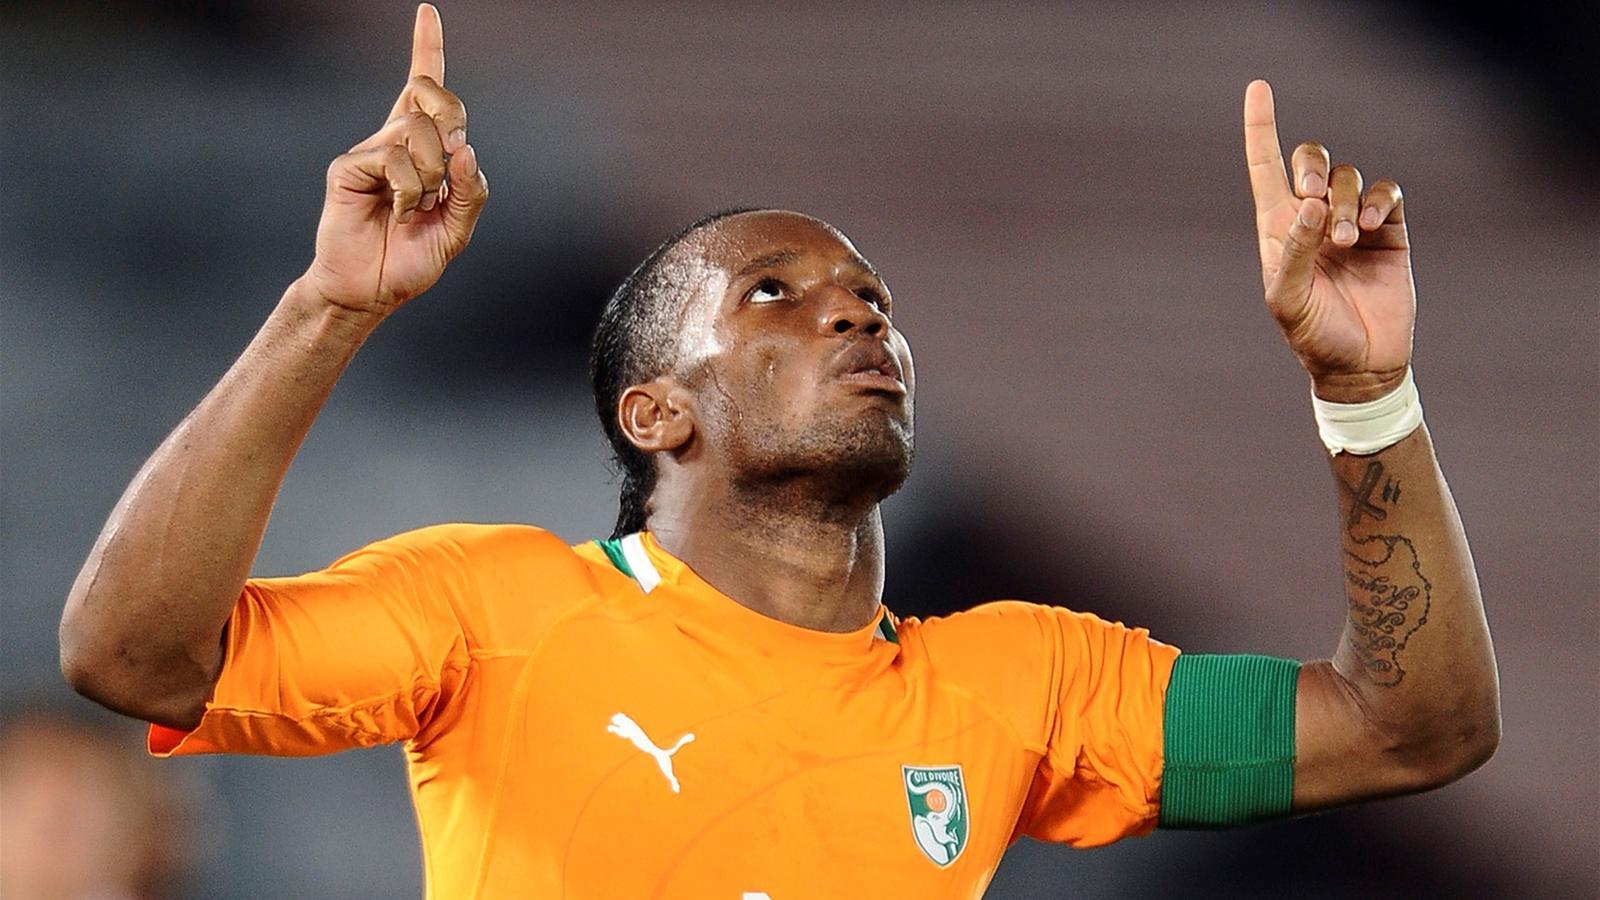 Match Grèce Cote d'Ivoire en streaming live